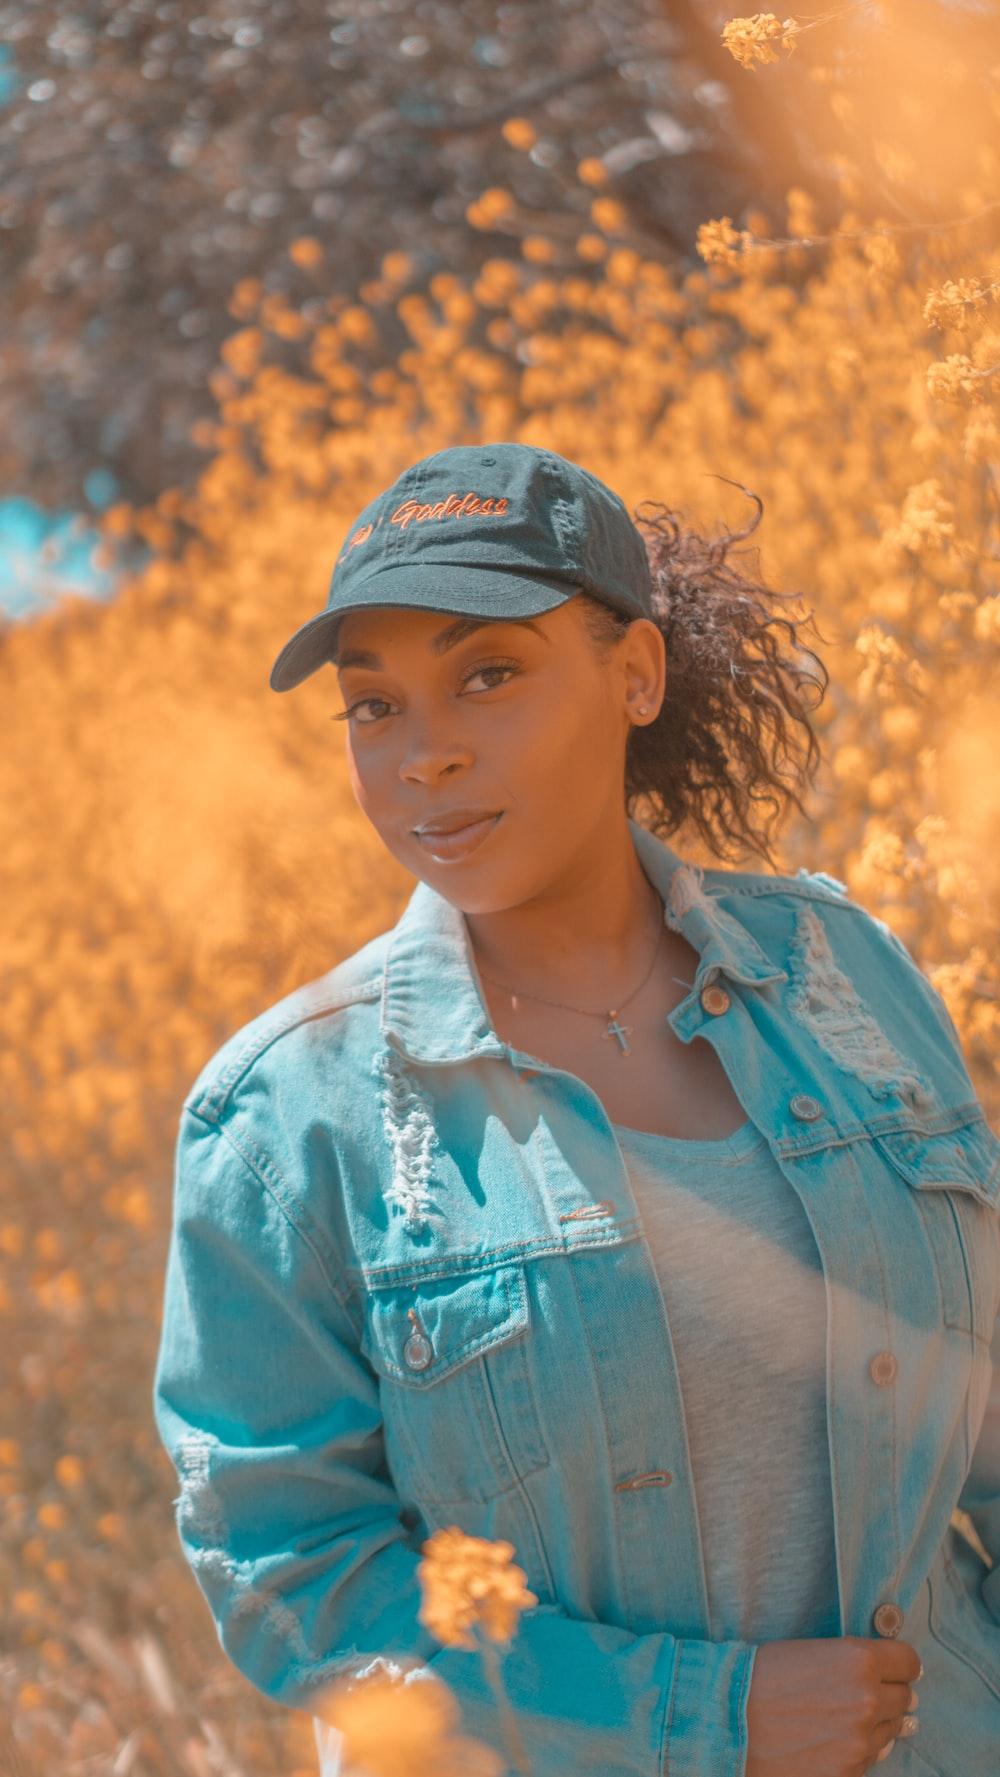 woman wearing blue cap